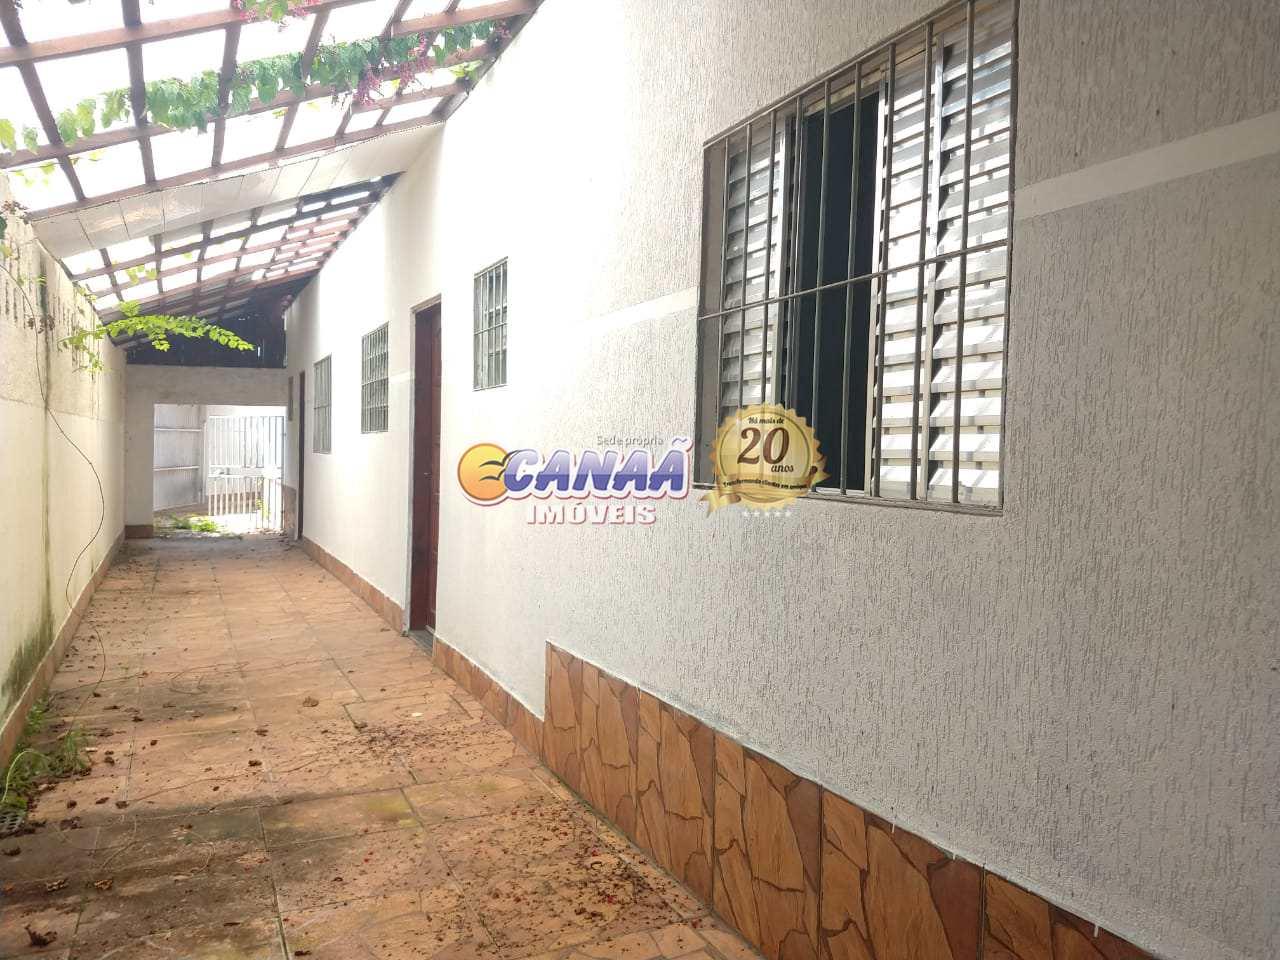 Casa com 2 dormitórios em Mongaguá - R$ 150 mil, Cod: 7716